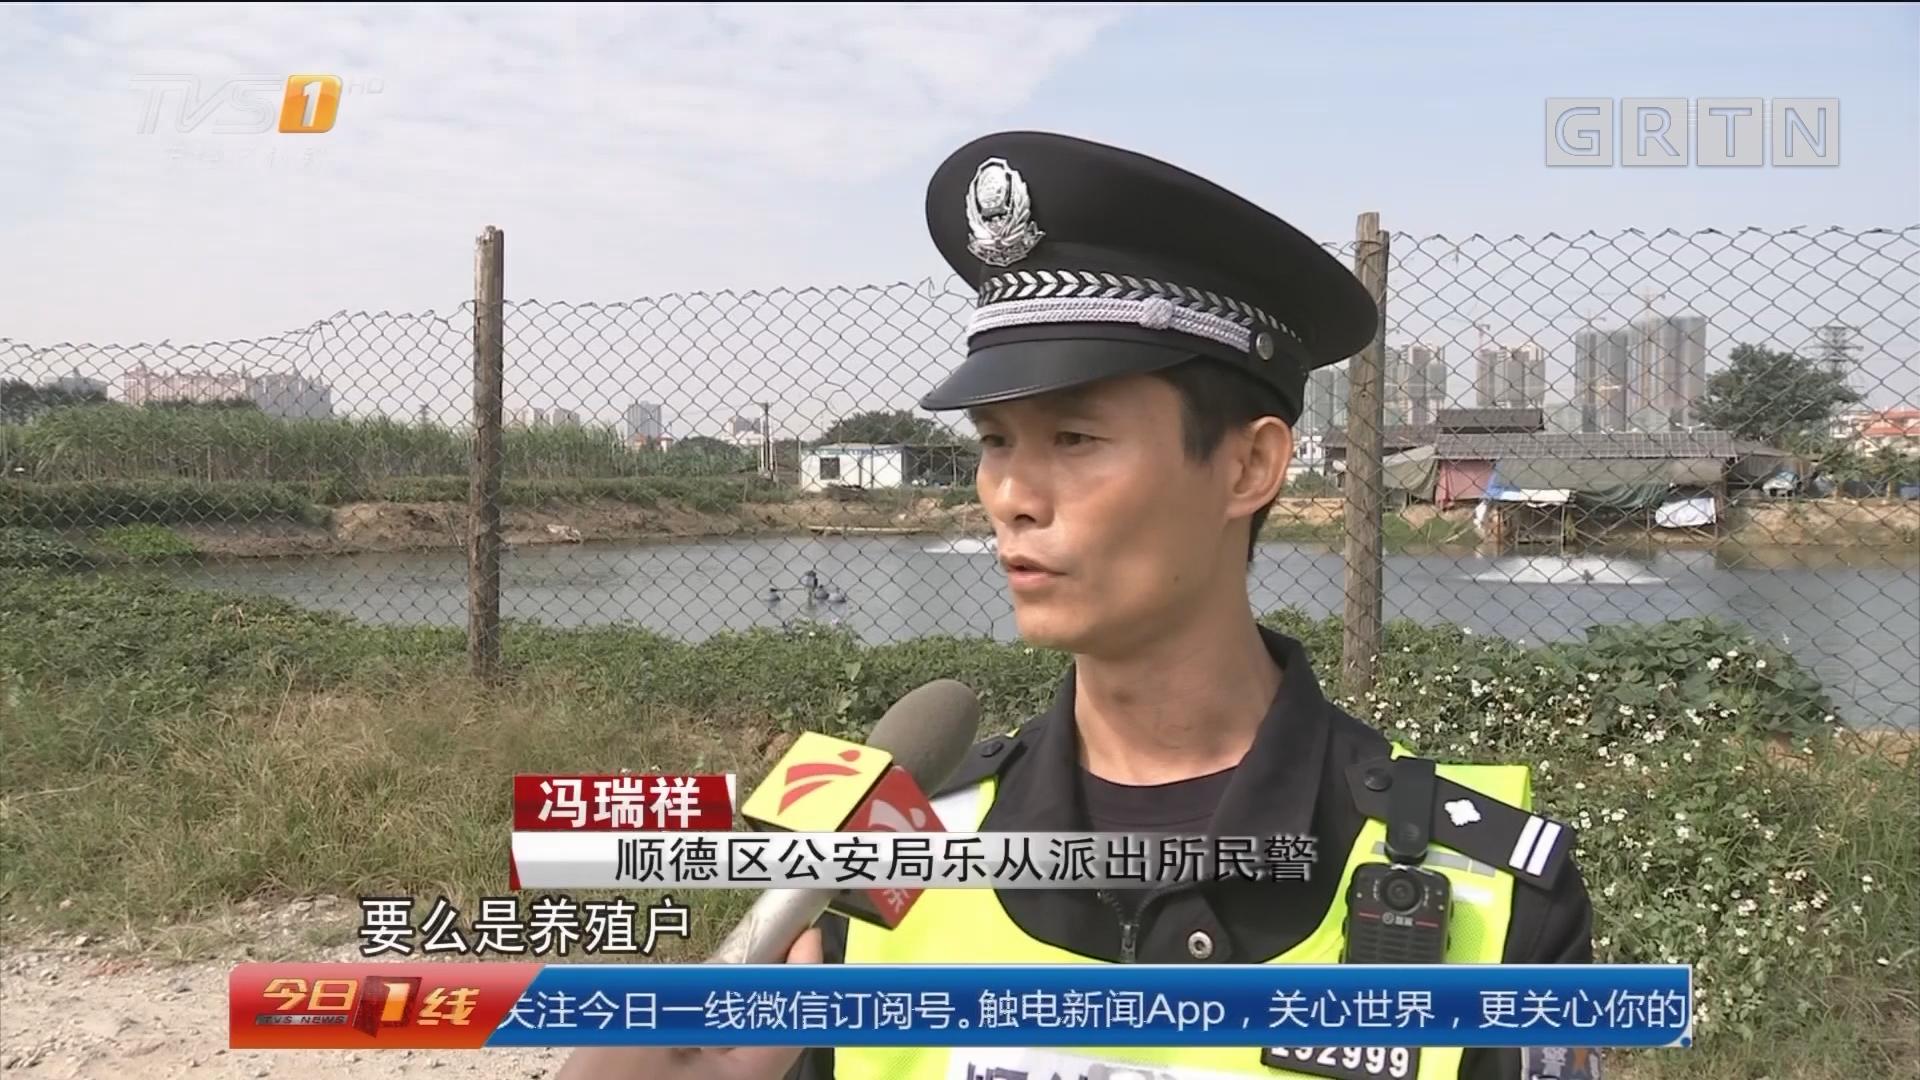 佛山顺德:鱼塘犬只频失踪 民警布控抓狗贼